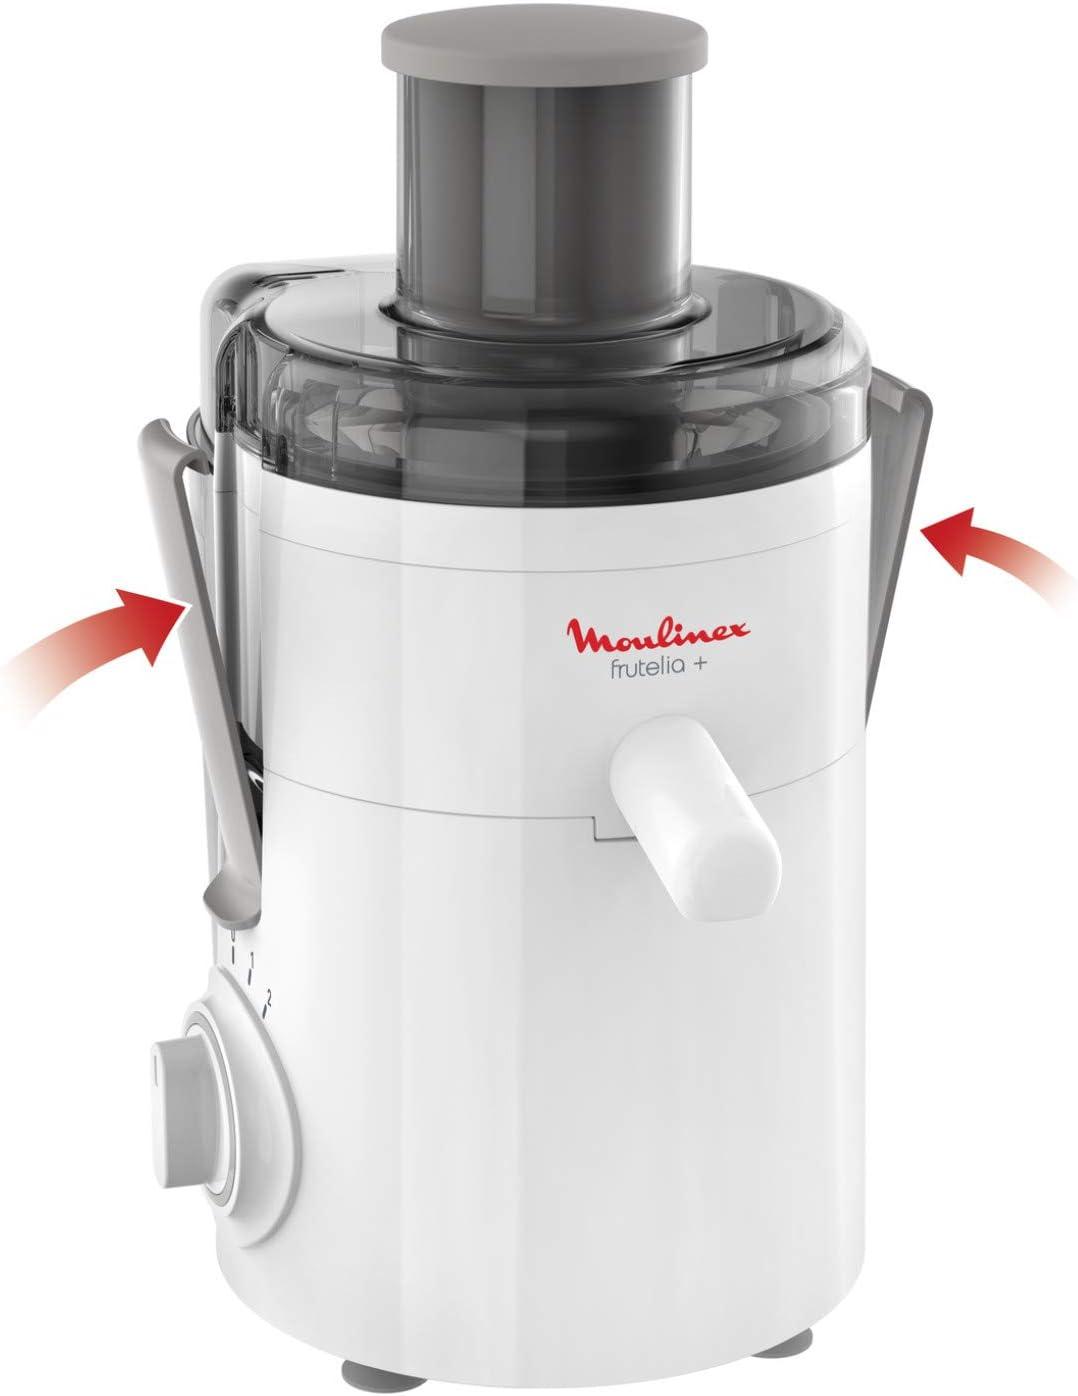 Moulinex Frutelia + Centrifugador, 350 W, 0,95 litros, plástico ...